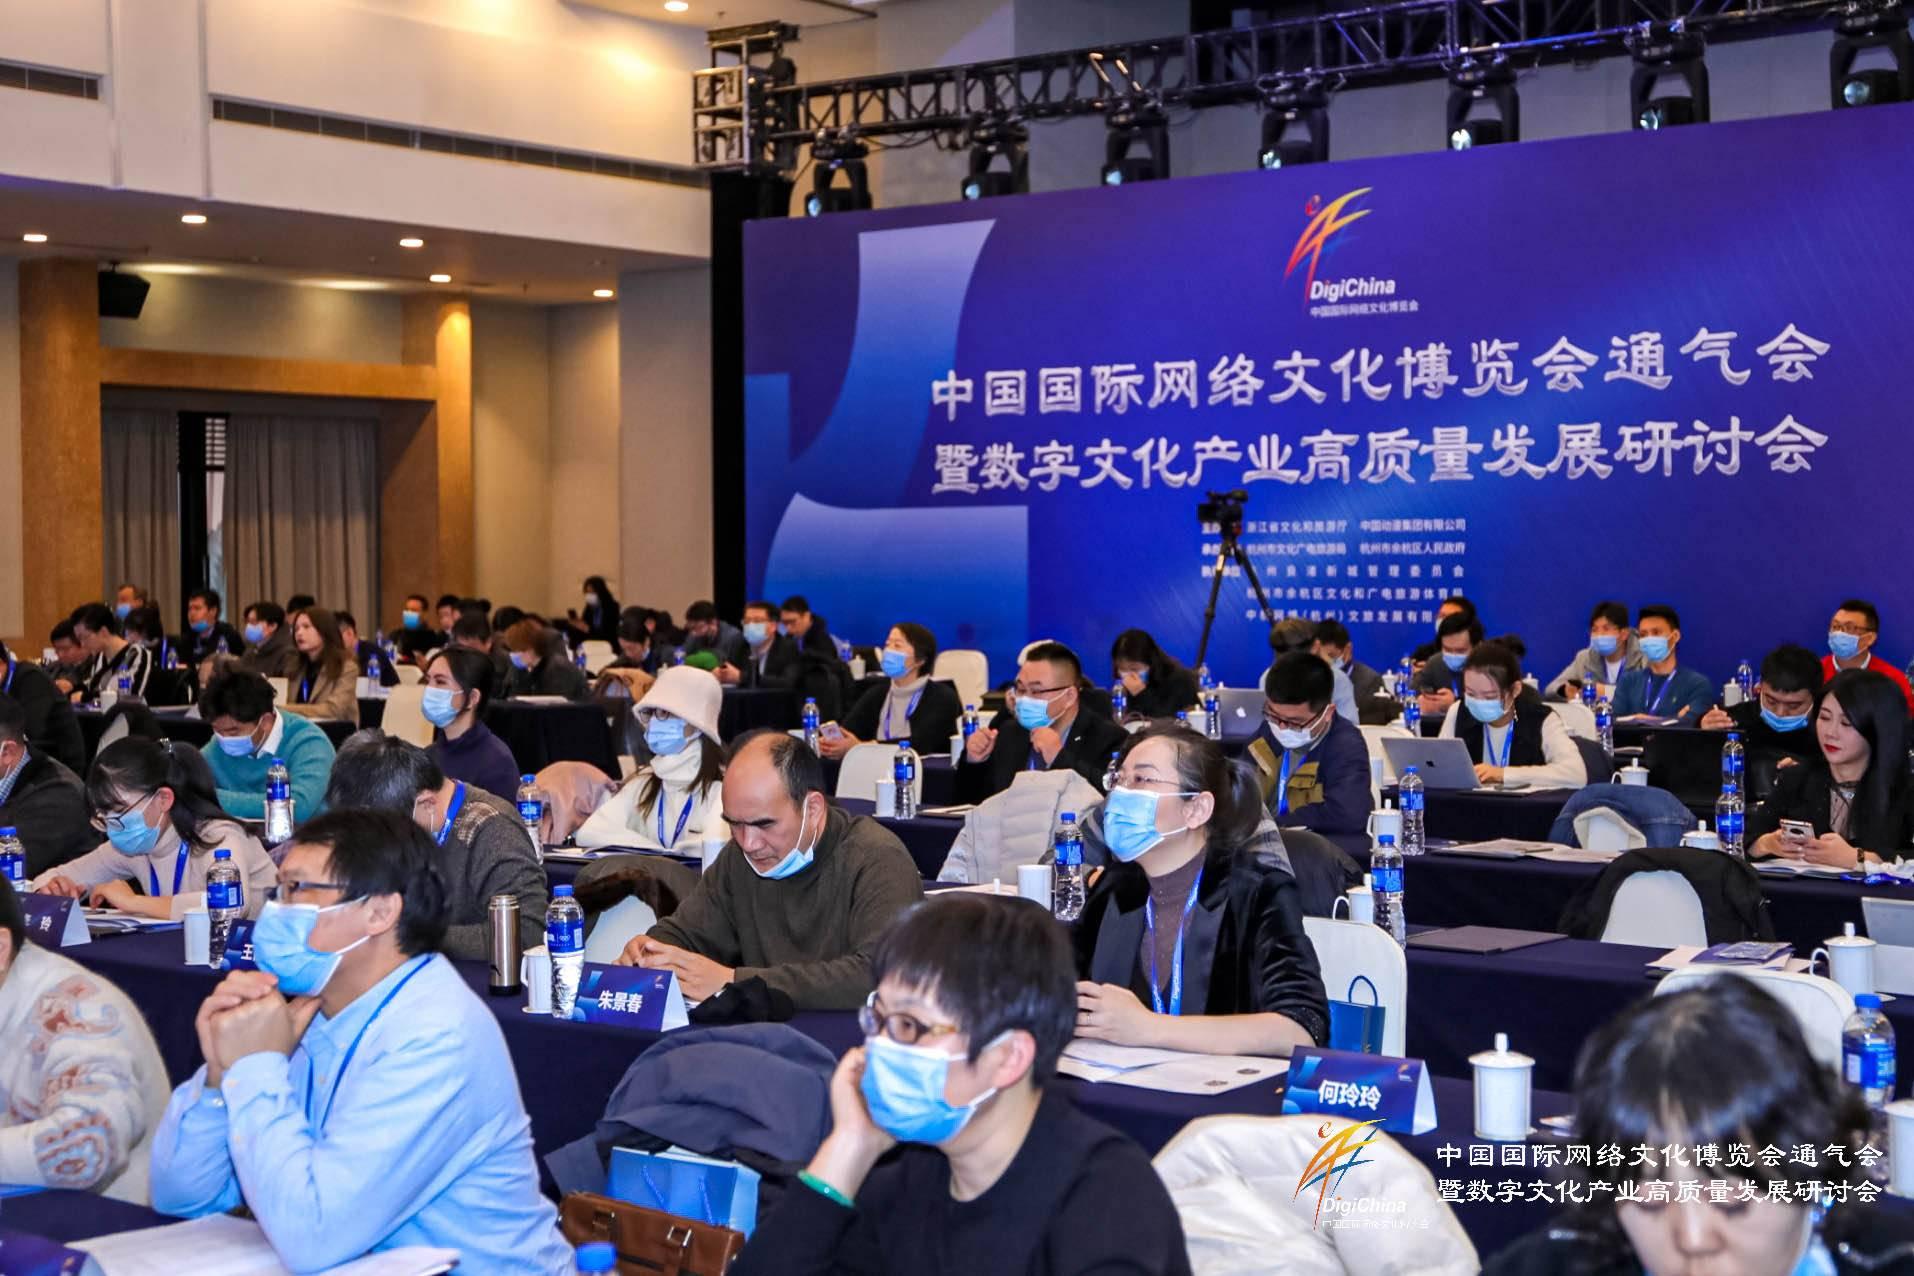 中国国际网络文化博览会通气会 暨数字文化产业高质量发展研讨会举办